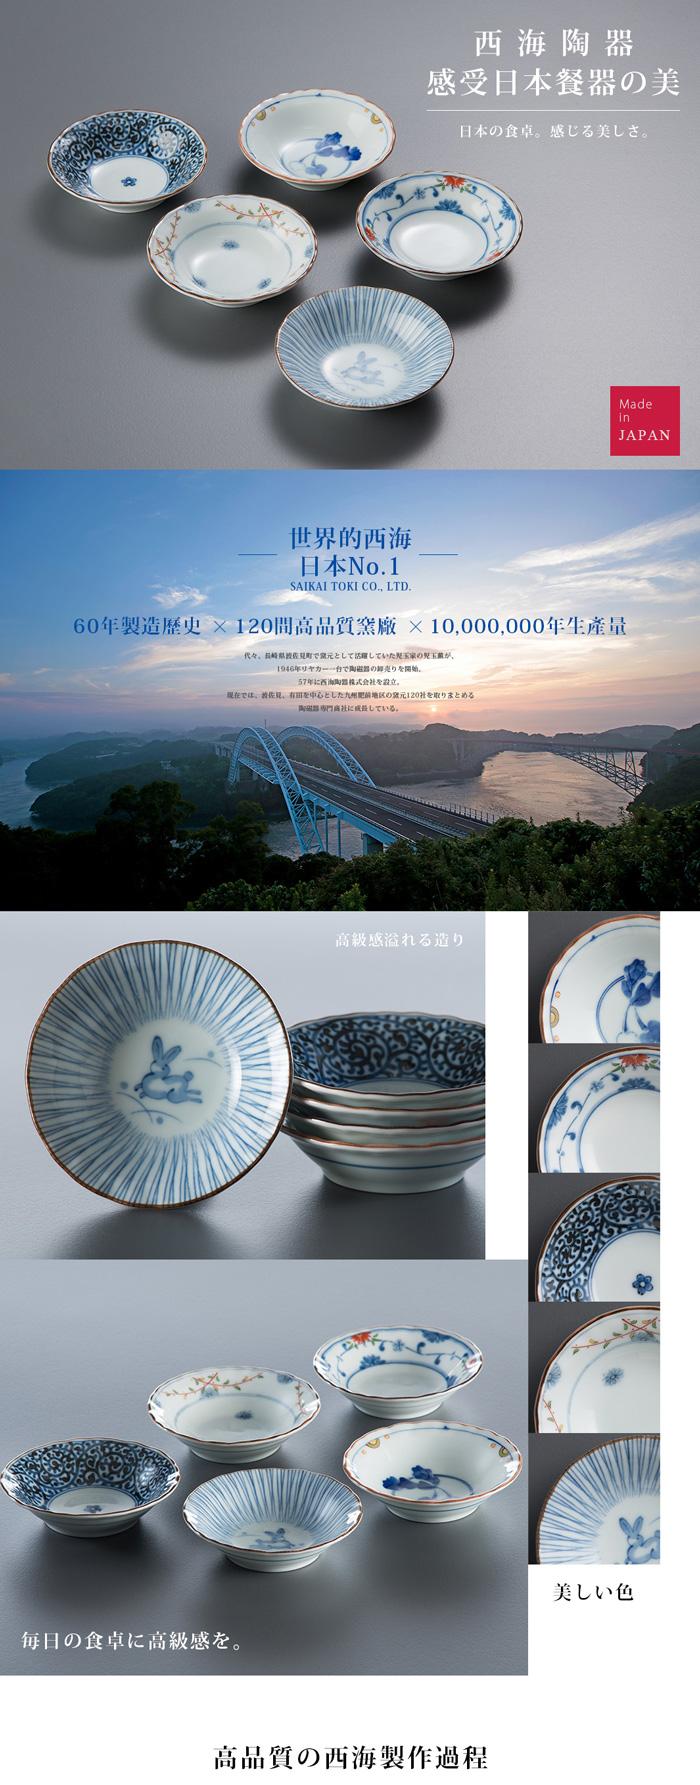 西海陶器 染錦花繪 五件式小淺盤